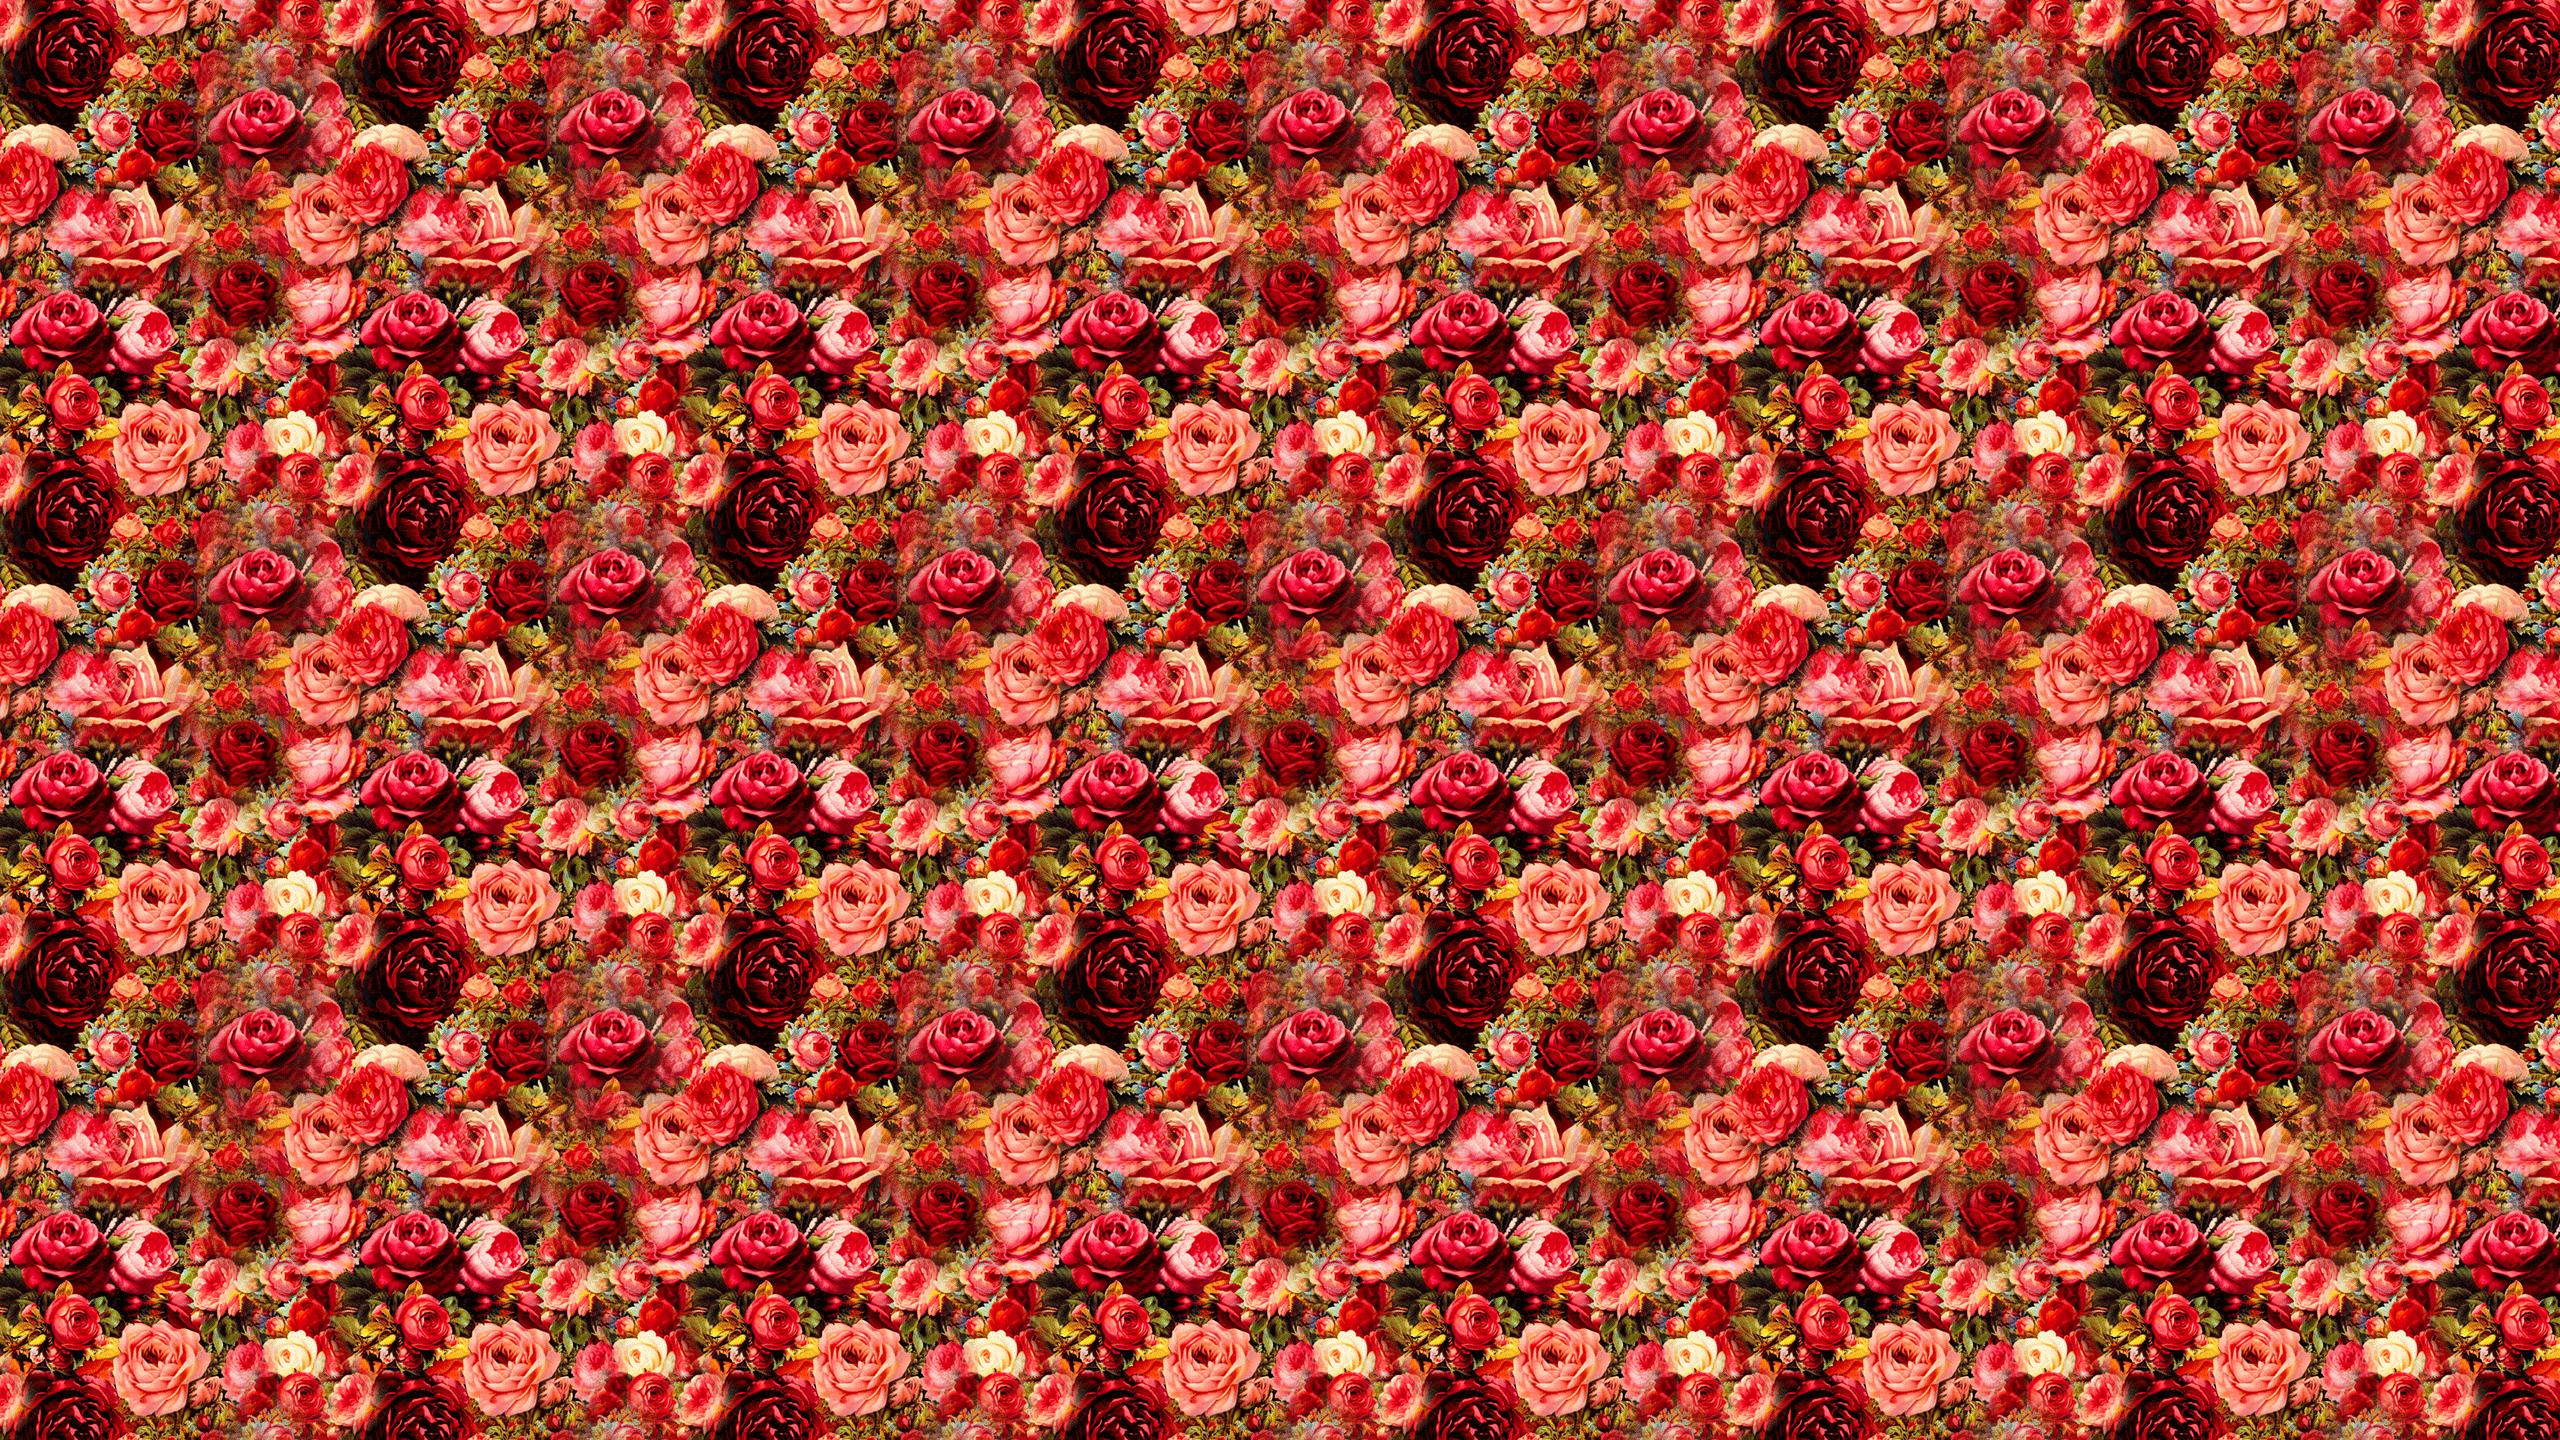 Simple Rose Garden: Rose Garden Wallpaper Desktops